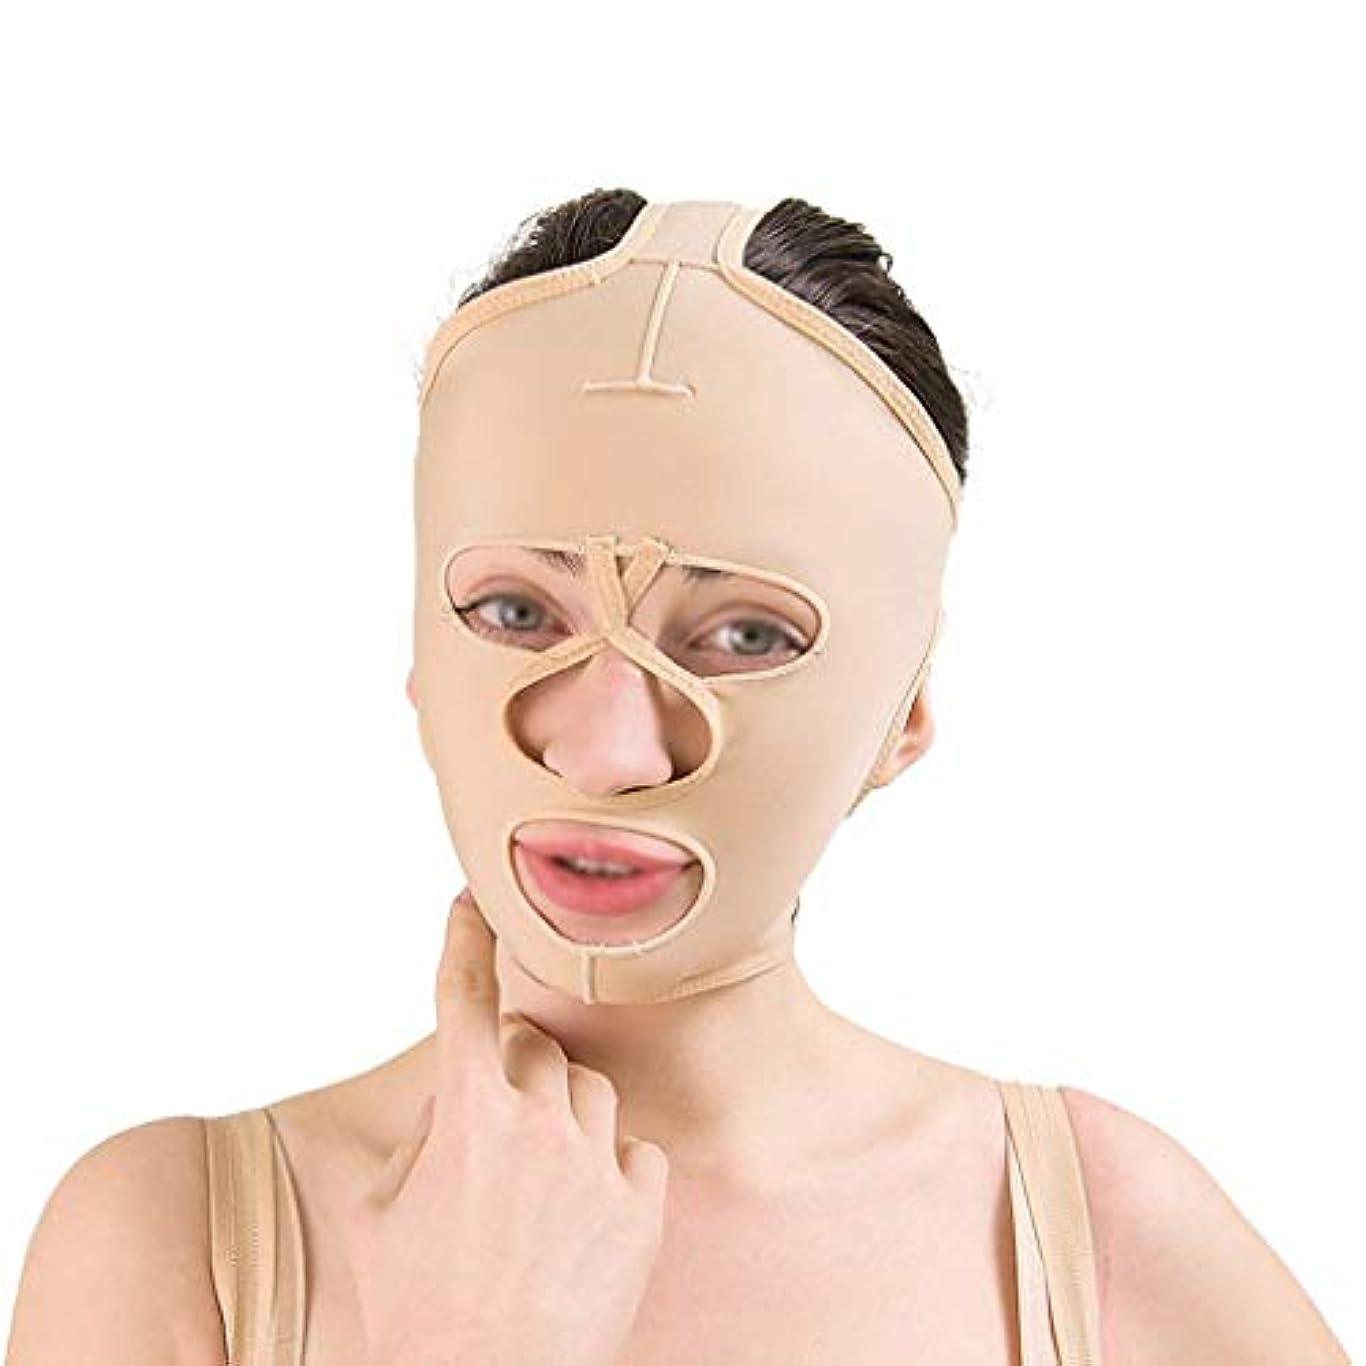 想起荒れ地動詞フェイシャルリフティングツール、フェイシャルビューティーリフティングマスク、通気性引き締めリフティングフェイシャル包帯、フェイシャルタイトバンデージ(サイズ:L),M